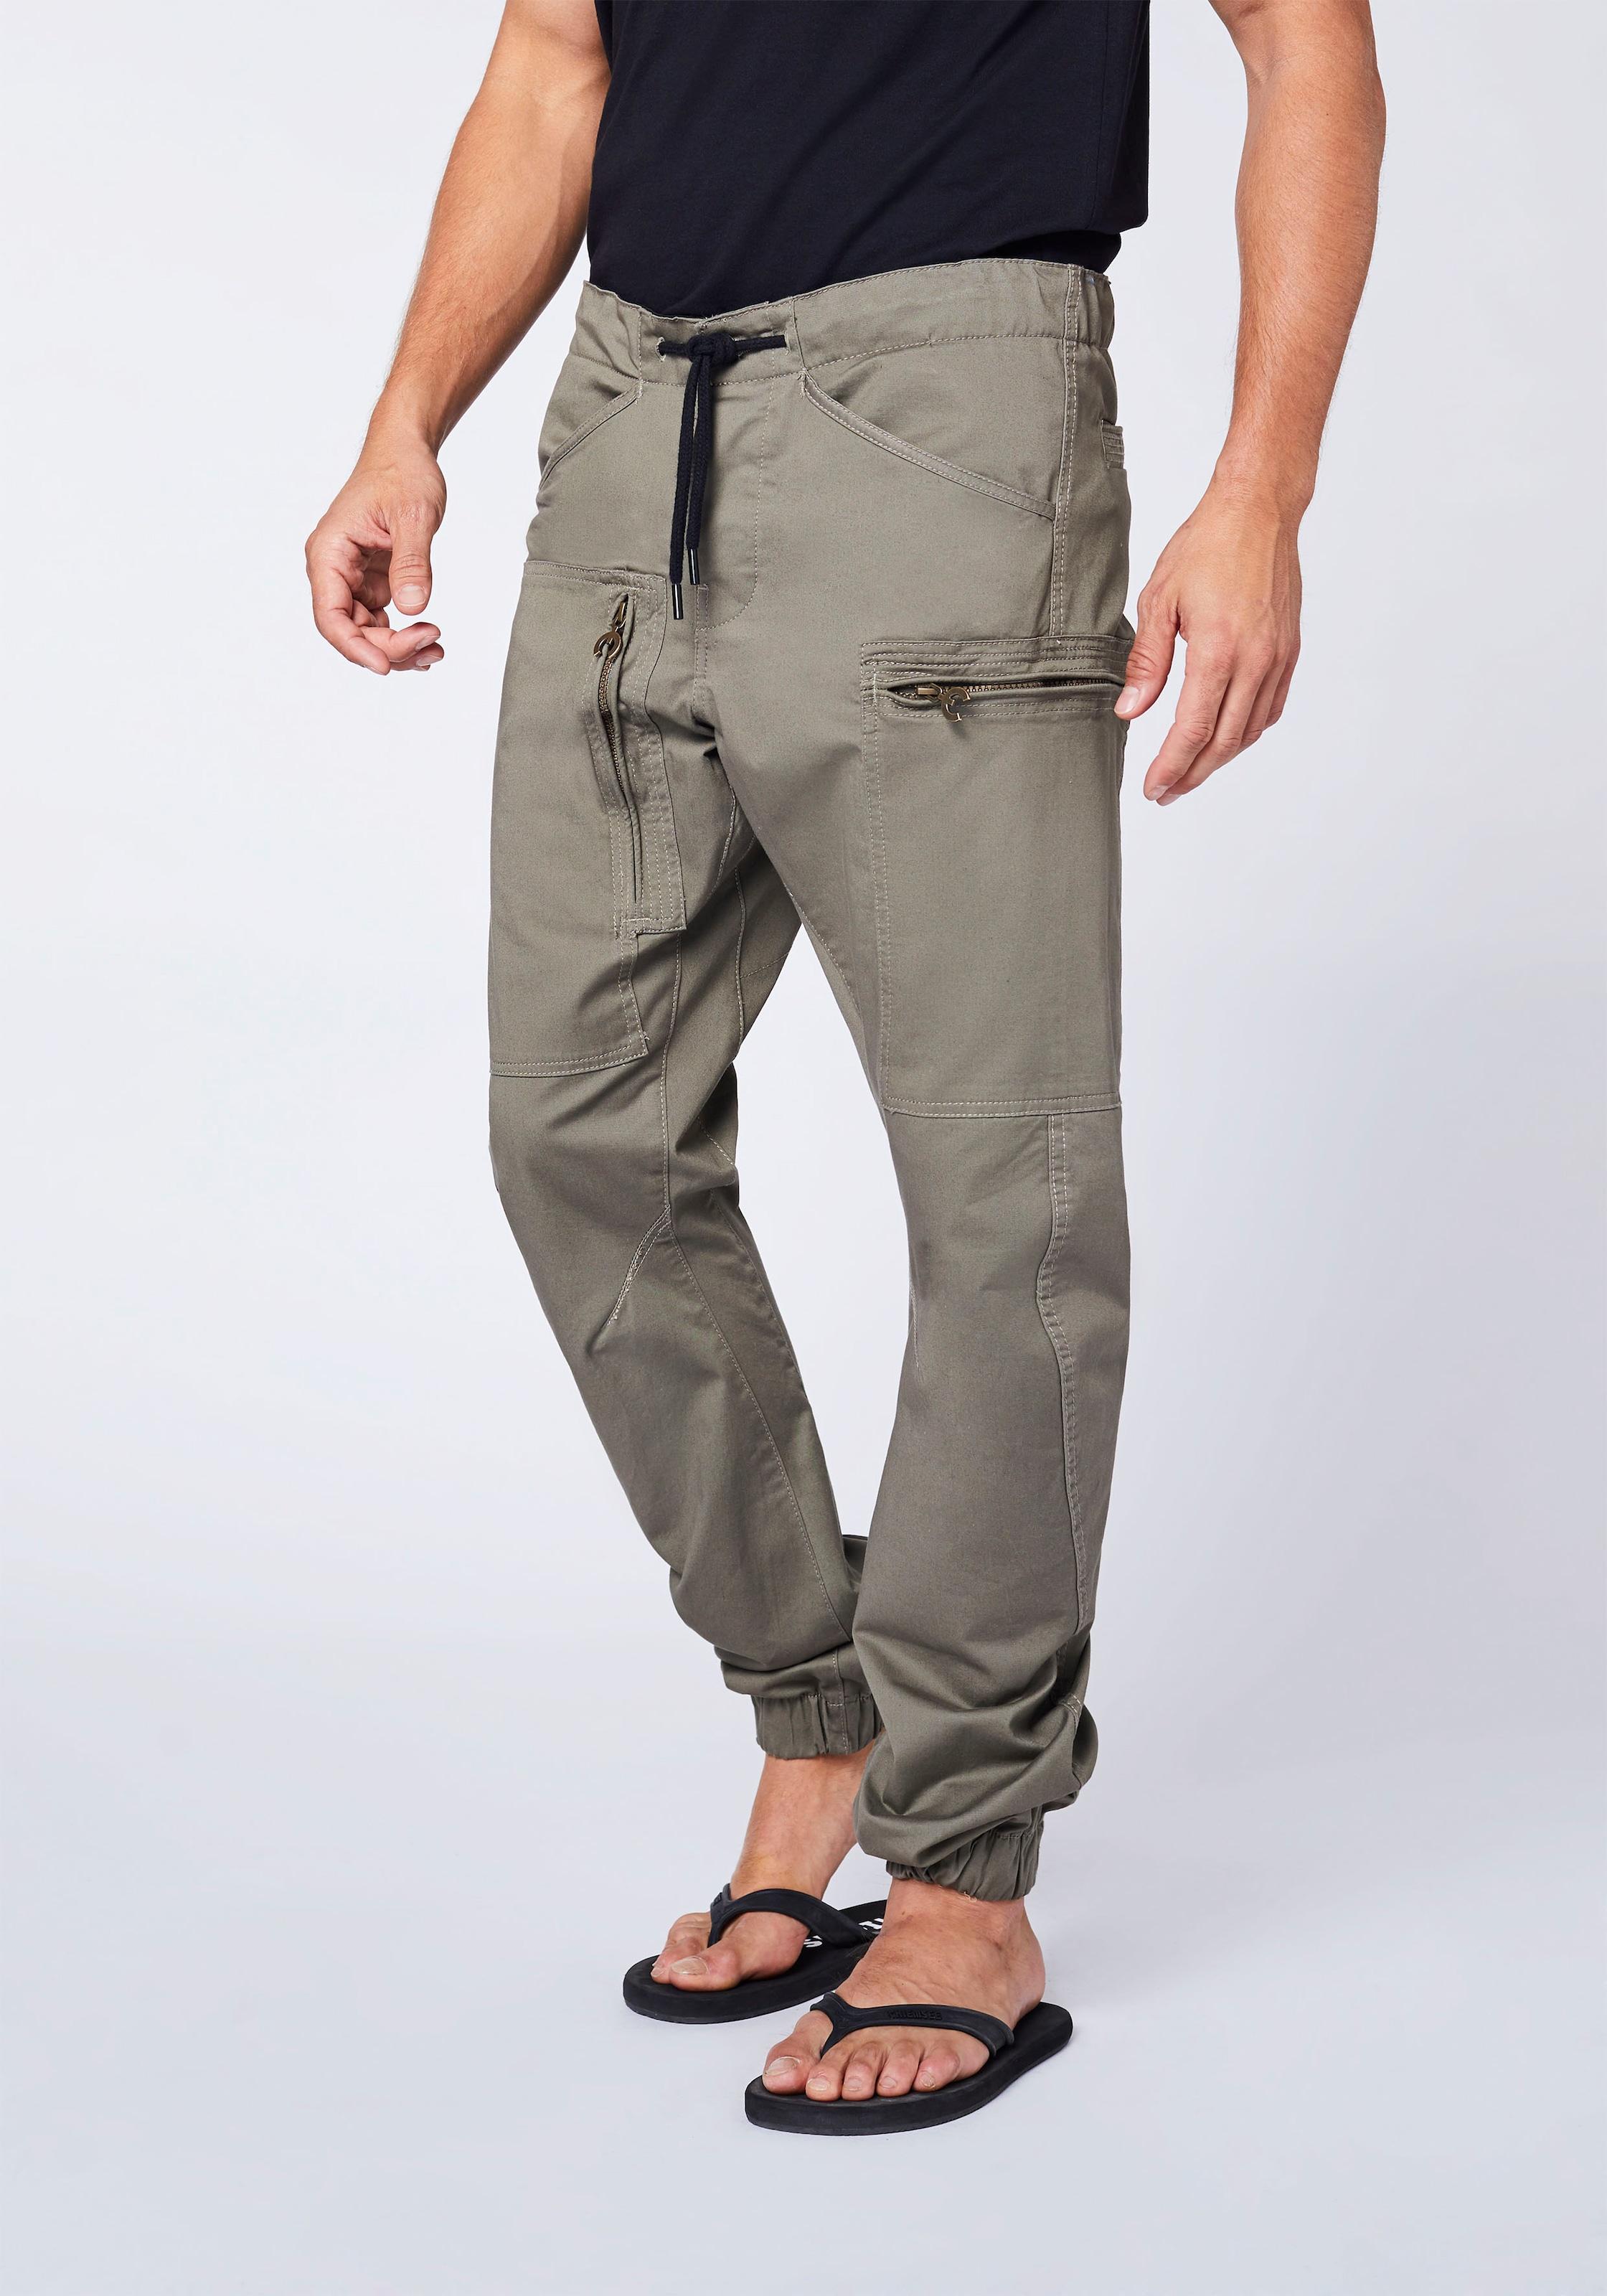 Chiemsee Herren Hose 34 Jeans